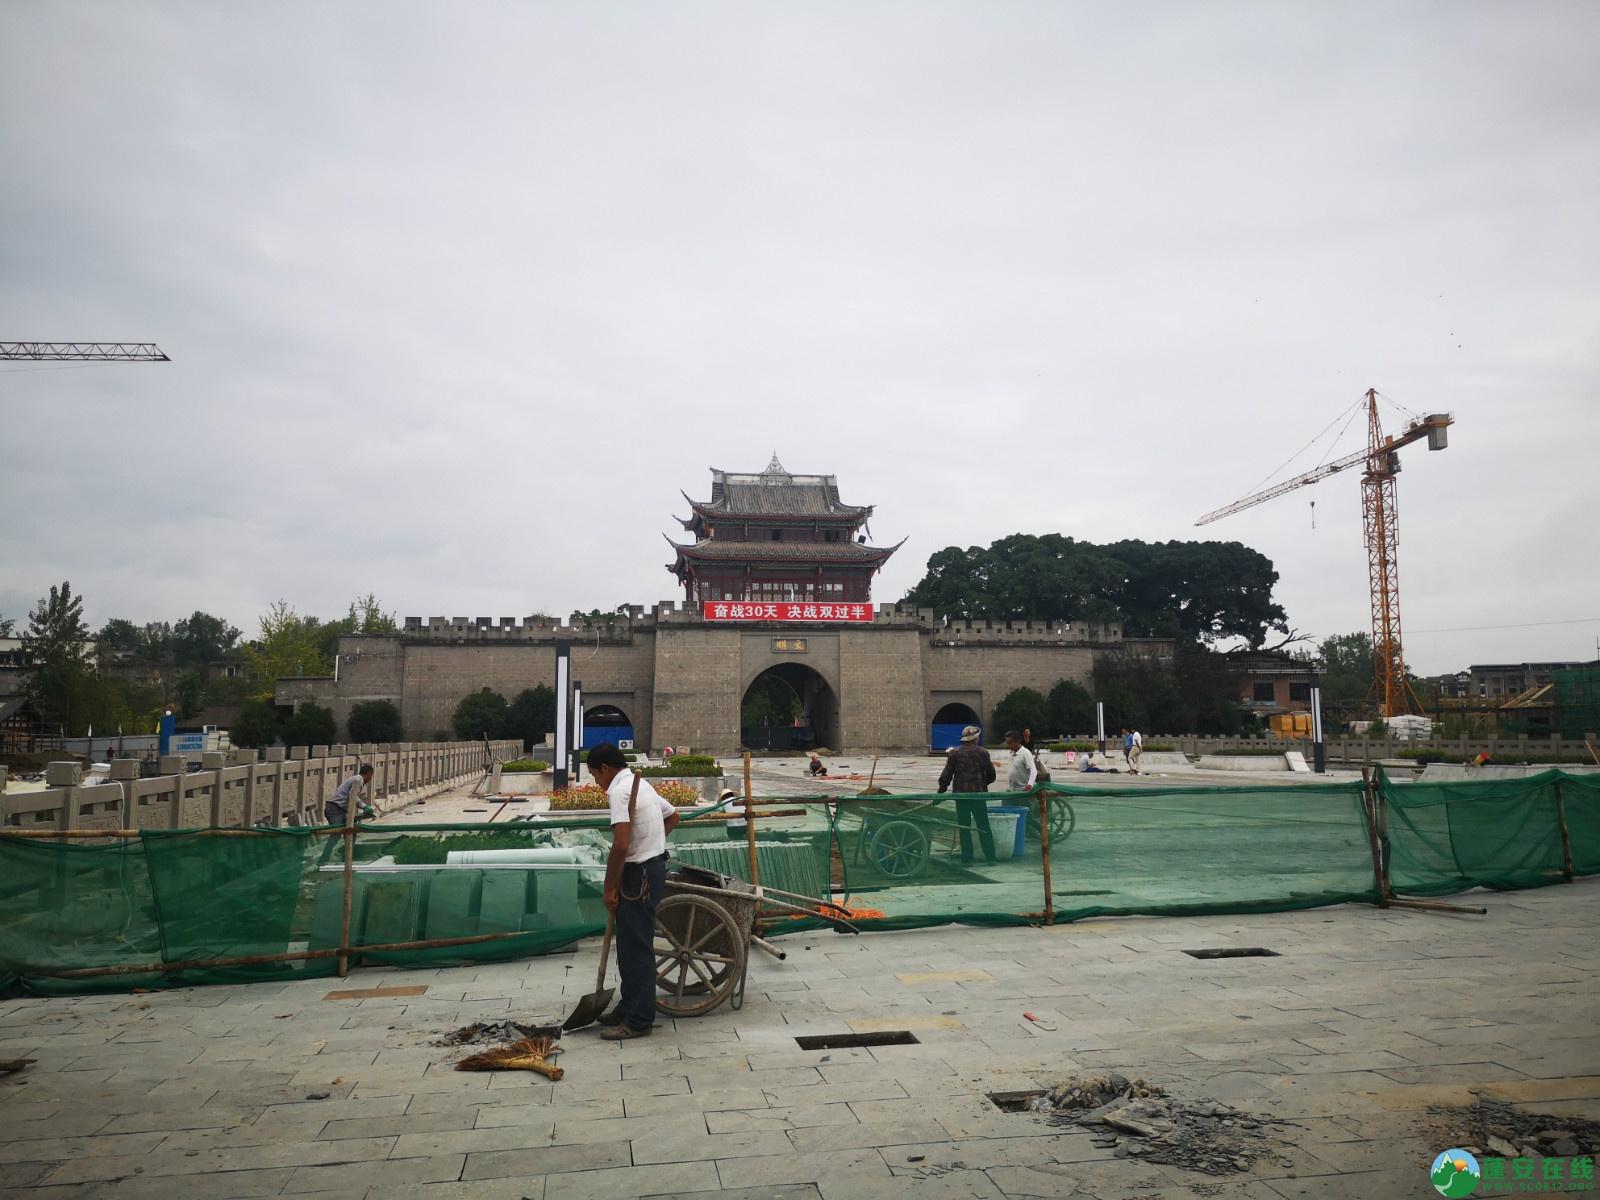 蓬安锦屏新区近况(2020-08-19) - 第13张  | 蓬安在线